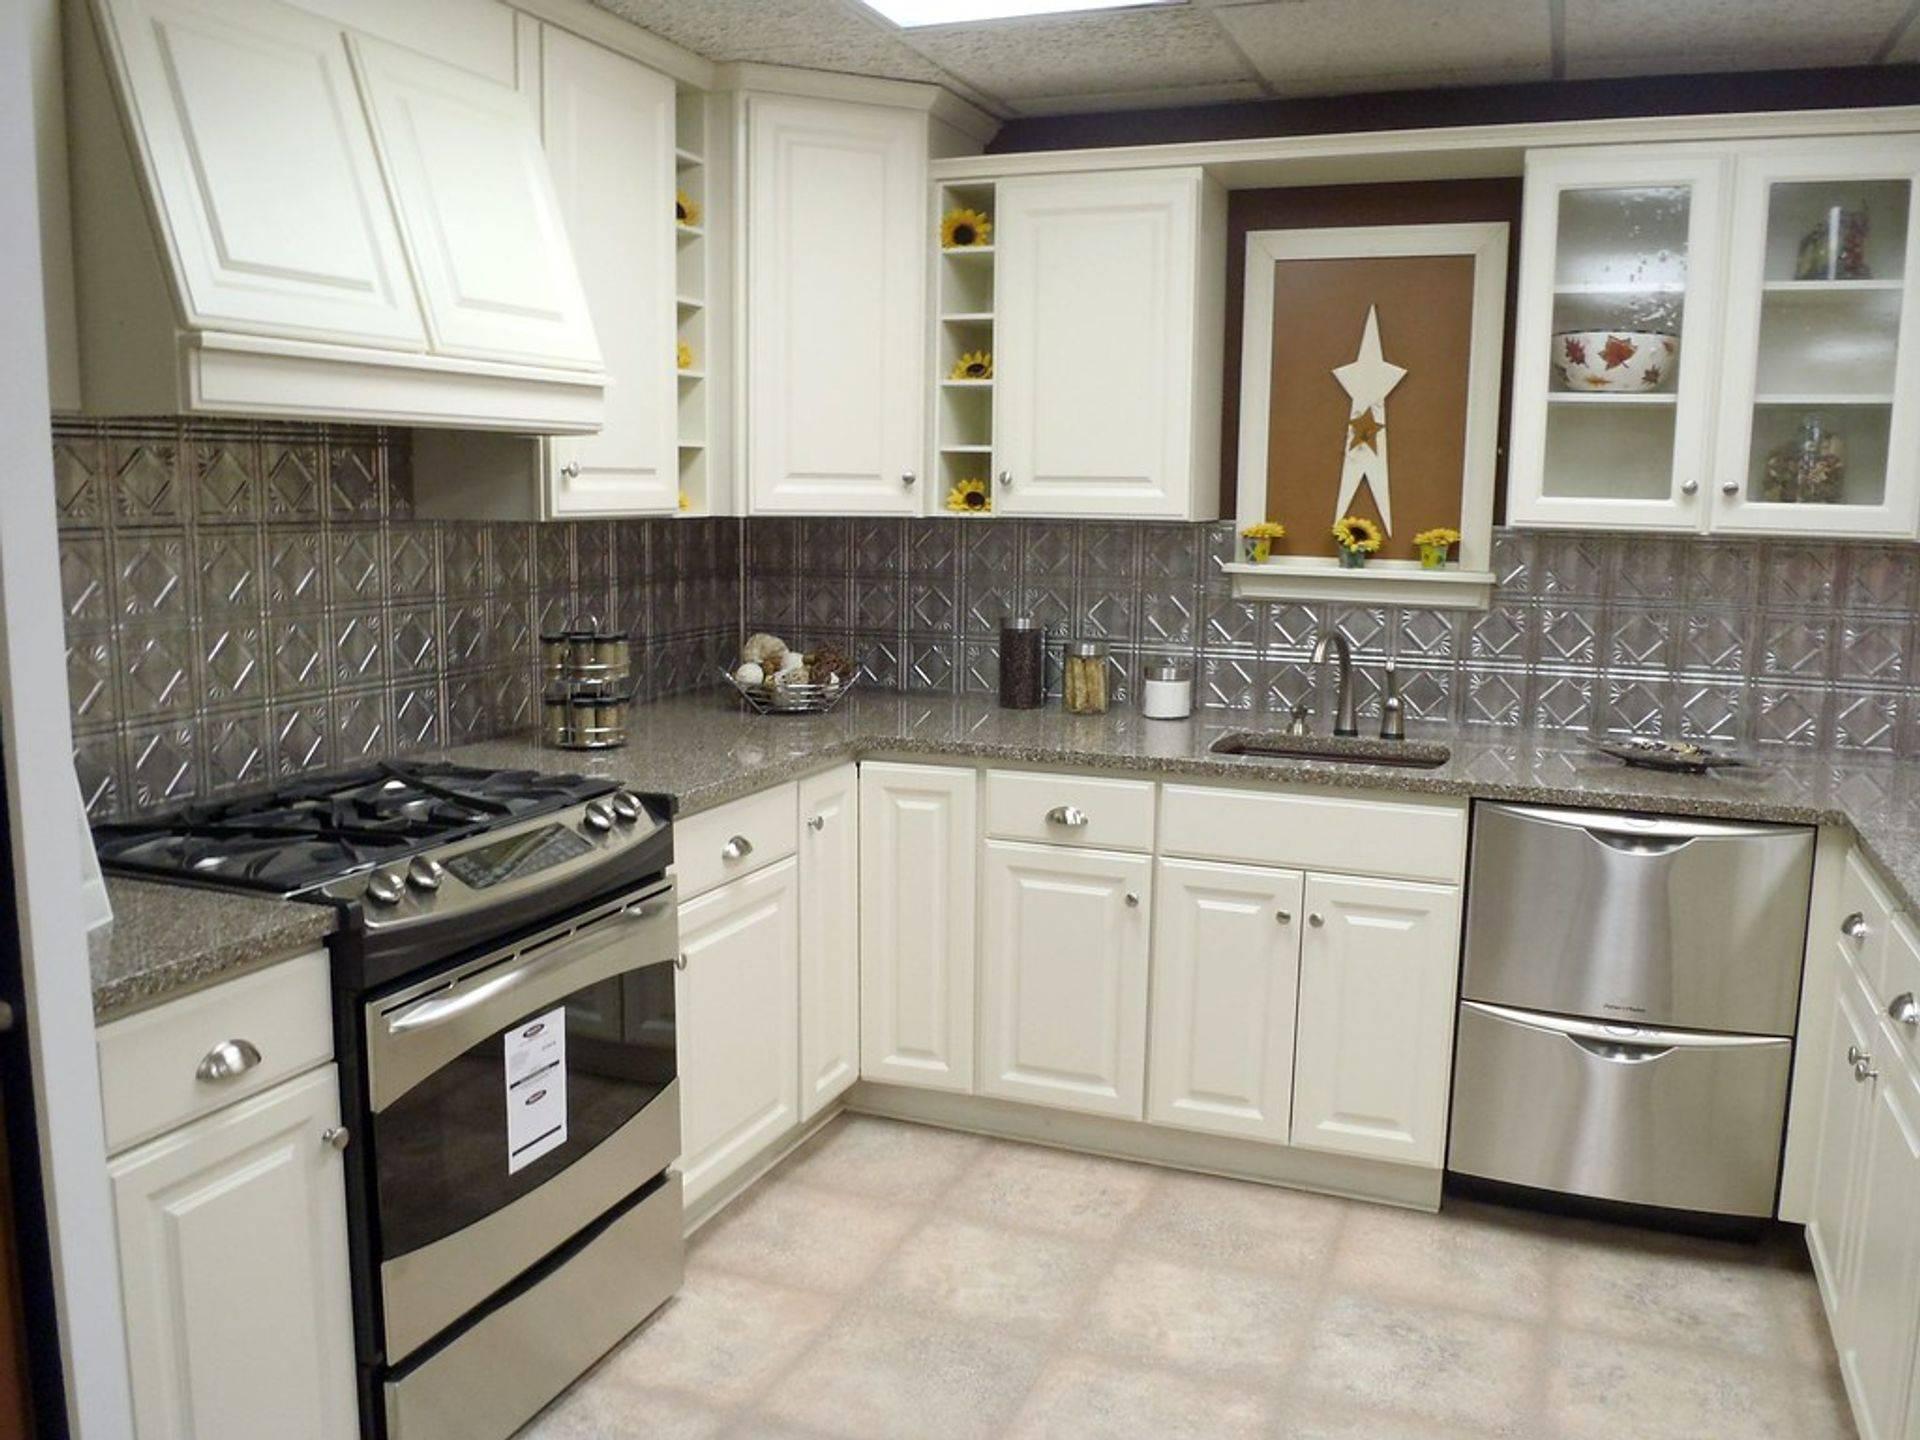 installation lave vaisselle four refrigerateur plaque de cuisson electromenagers. Black Bedroom Furniture Sets. Home Design Ideas